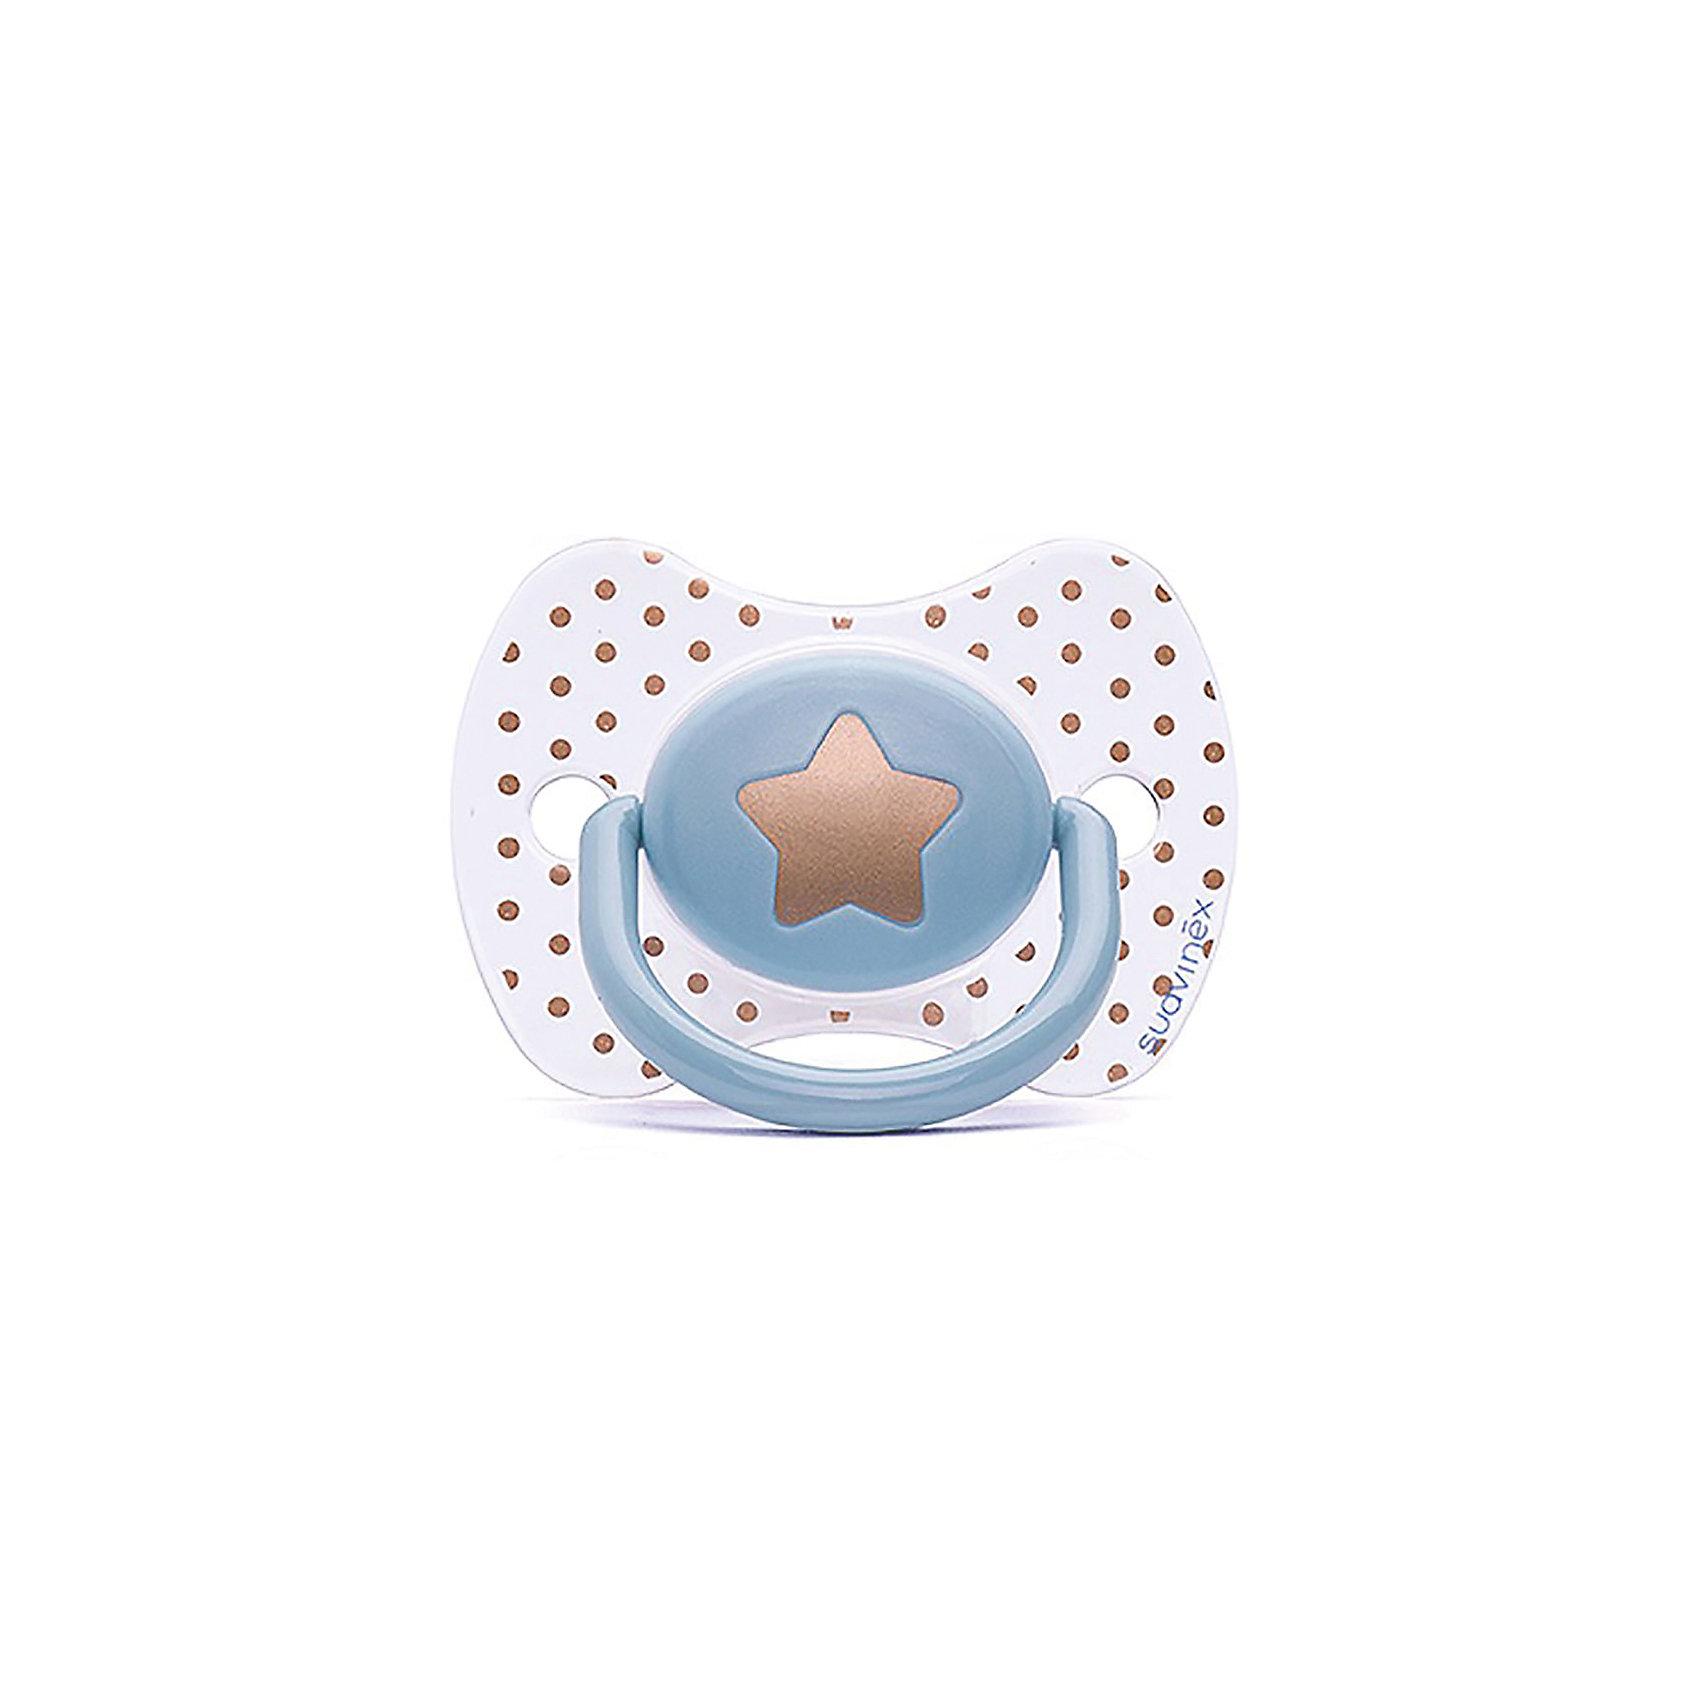 Пустышка силиконовая Haute Couture, от 4 мес, Suavinex, голубой звездаХарактеристики:<br><br>• Наименование: пустышка<br>• Рекомендуемый возраст: от 4 месяцев<br>• Пол: для мальчика<br>• Материал: силикон, пластик<br>• Цвет: голубой, белый, золотистый<br>• Рисунок: звезда, горошинки<br>• Форма: физиологическая<br>• Наличие вентиляционных отверстий <br>• Кольцо для держателя<br>• С эффектом позолоты<br>• Вес: 31 г<br>• Параметры (Д*Ш*В): 6,1*6,1*9,1 см <br>• Особенности ухода: можно мыть в теплой воде, регулярная стерилизация <br><br>Пустышка Haute Couture от 4 мес, Suavinex, голубой звезда изготовлена испанским торговым брендом, специализирующимся на выпуске товаров для кормления и аксессуаров новорожденным и младенцам. Продукция от Suavinex разработана с учетом рекомендаций педиатров и стоматологов, что гарантирует качество и безопасность использованных материалов. <br><br>Пластик, из которого изготовлено изделие, устойчив к появлению царапин и сколов, благодаря чему пустышка длительное время сохраняет свои гигиенические свойства. Форма у соски способствует равномерному распределению давления на небо, что обеспечивает правильное формирование речевого аппарата. <br><br>Пустышка имеет классическую форму, для прикрепления держателя предусмотрено кольцо. Изделие выполнено в брендовом дизайне, с изображением звезды. Рисунок с эффектом позолоты нанесен по инновационной технологии, которая обеспечивает стойкость рисунка даже при длительном использовании и частой стерилизации.<br><br>Пустышку Haute Couture от 4 мес, Suavinex, голубой звезда можно купить в нашем интернет-магазине.<br><br>Ширина мм: 61<br>Глубина мм: 61<br>Высота мм: 91<br>Вес г: 31<br>Возраст от месяцев: 4<br>Возраст до месяцев: 24<br>Пол: Мужской<br>Возраст: Детский<br>SKU: 5451277